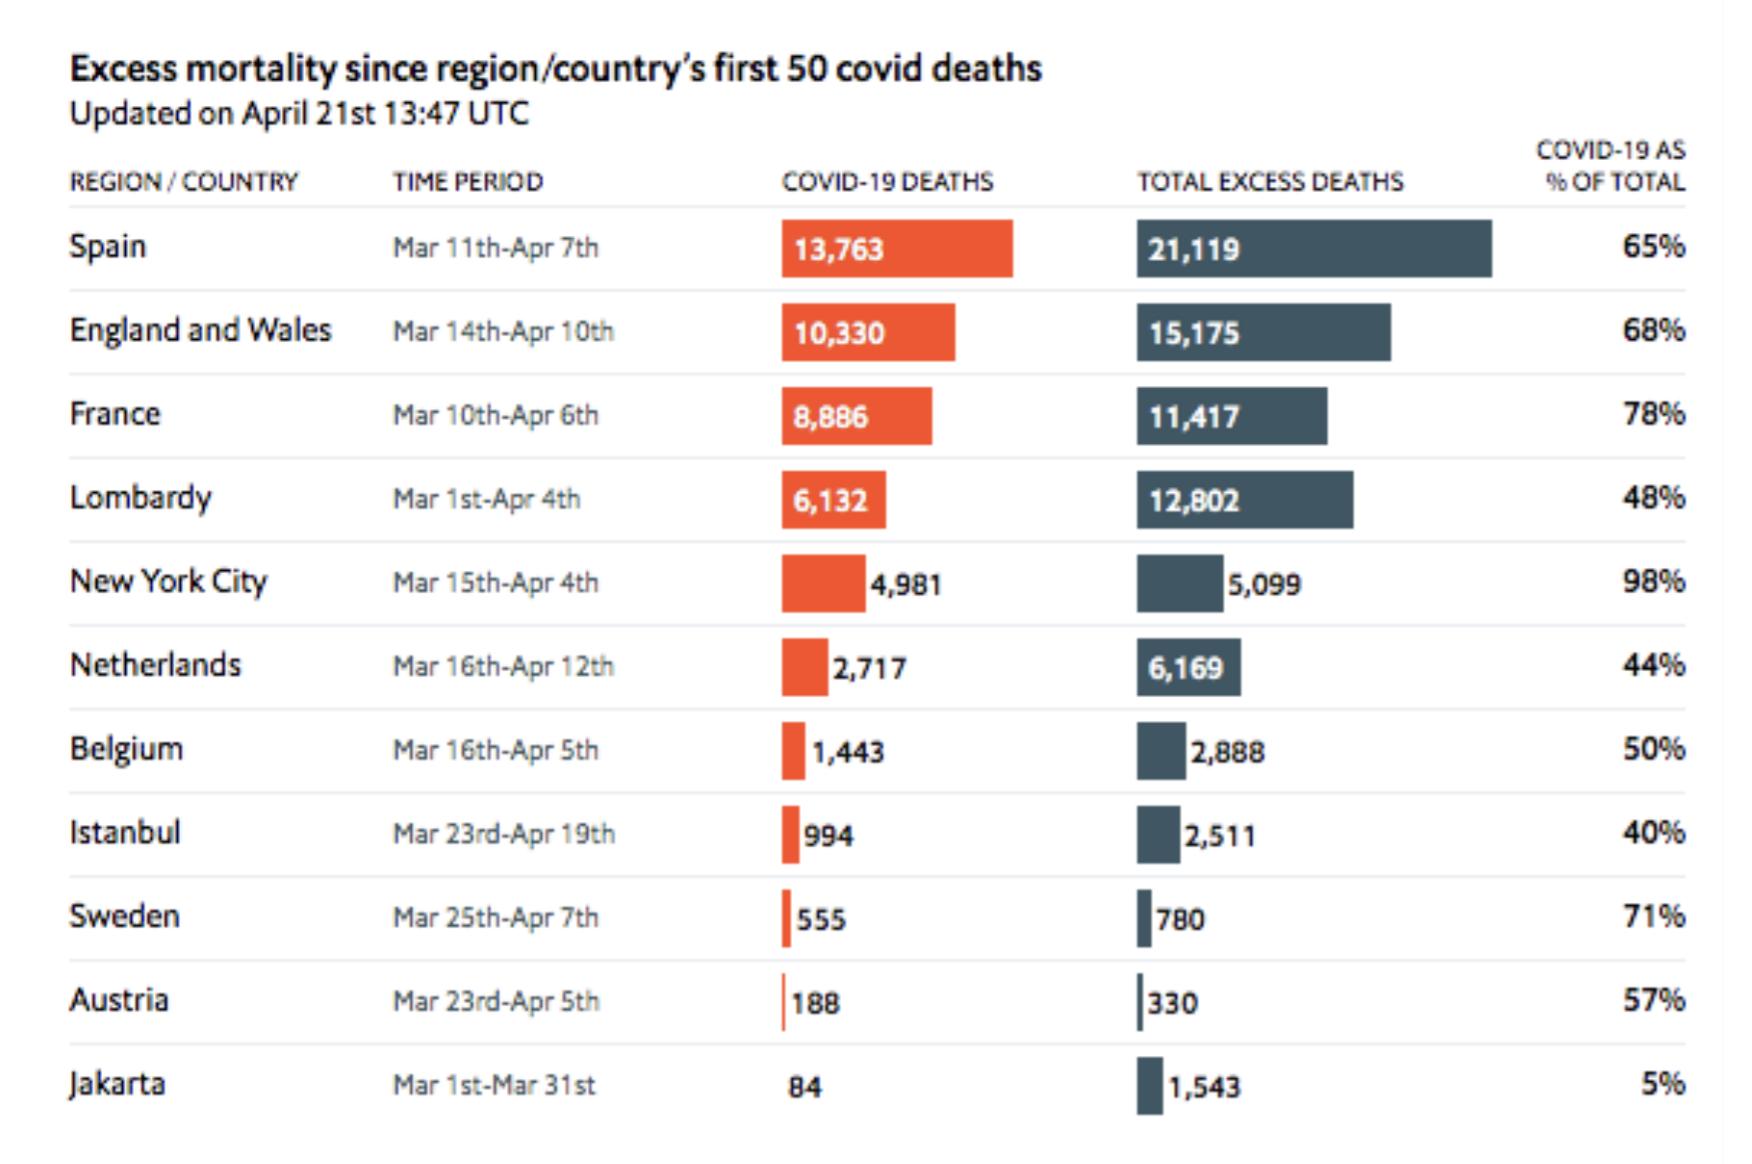 תמותה עודפת מול תמותה רשמית מקורונה